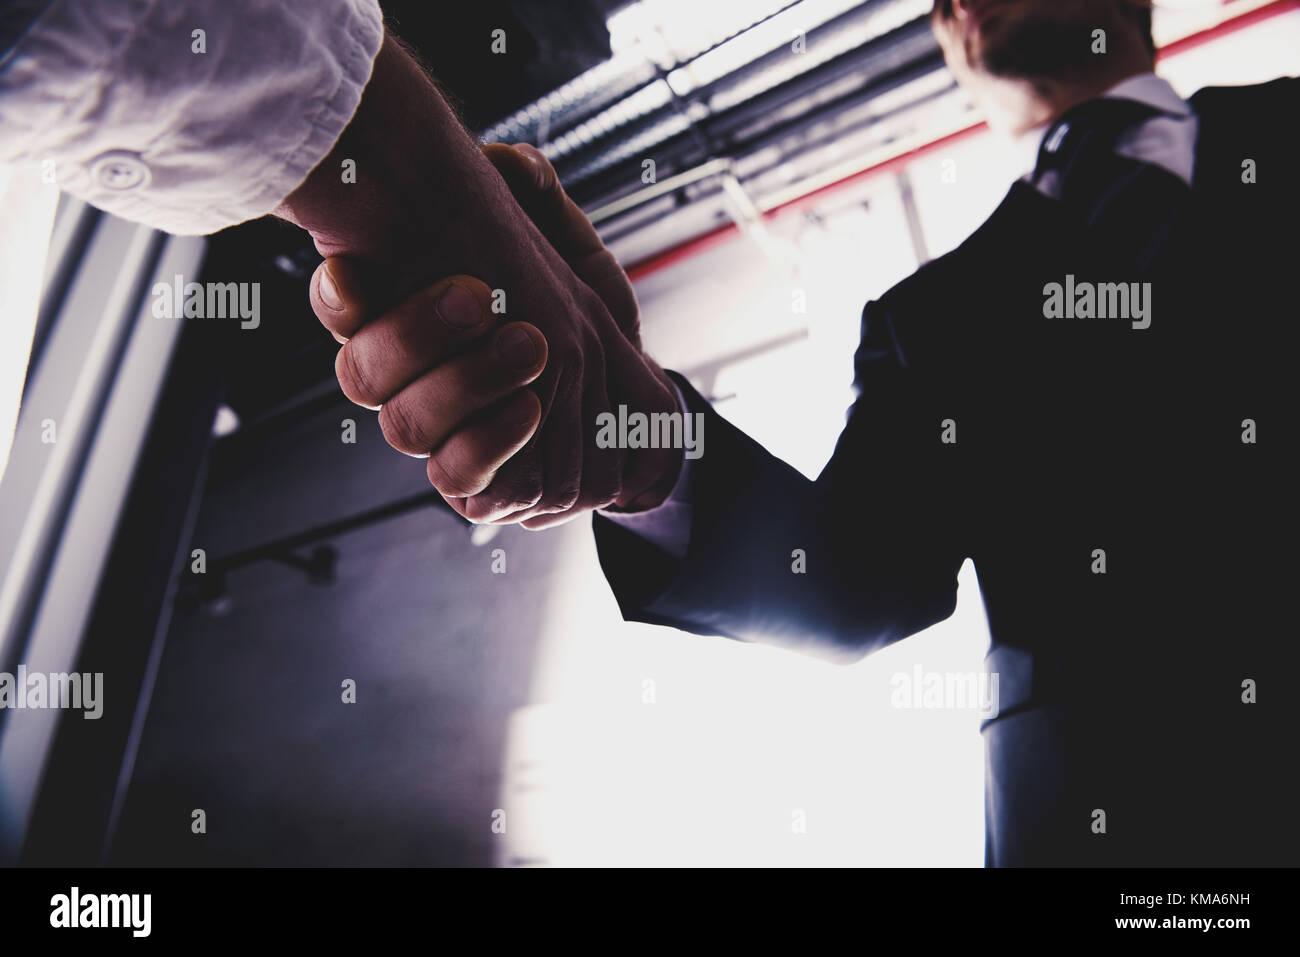 Handshaking business Person im Büro. Konzept der Teamarbeit und Partnerschaft Stockfoto